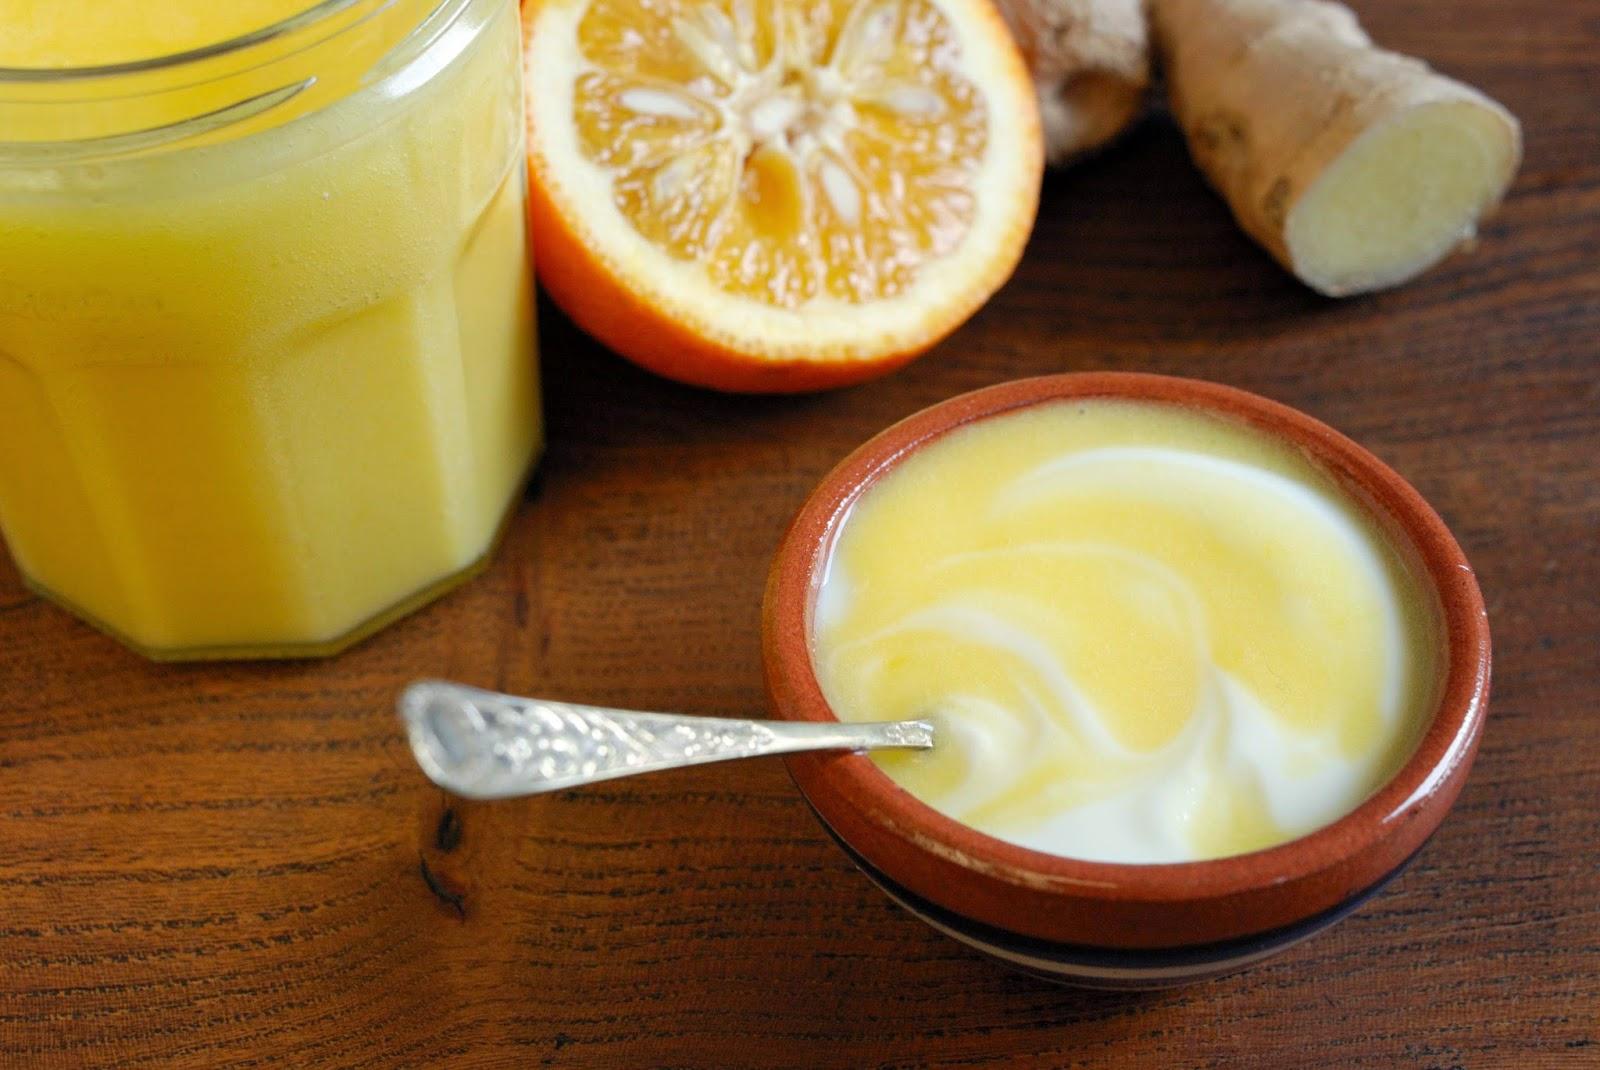 recette de pate a tartiner aux oranges de seville et gingembre